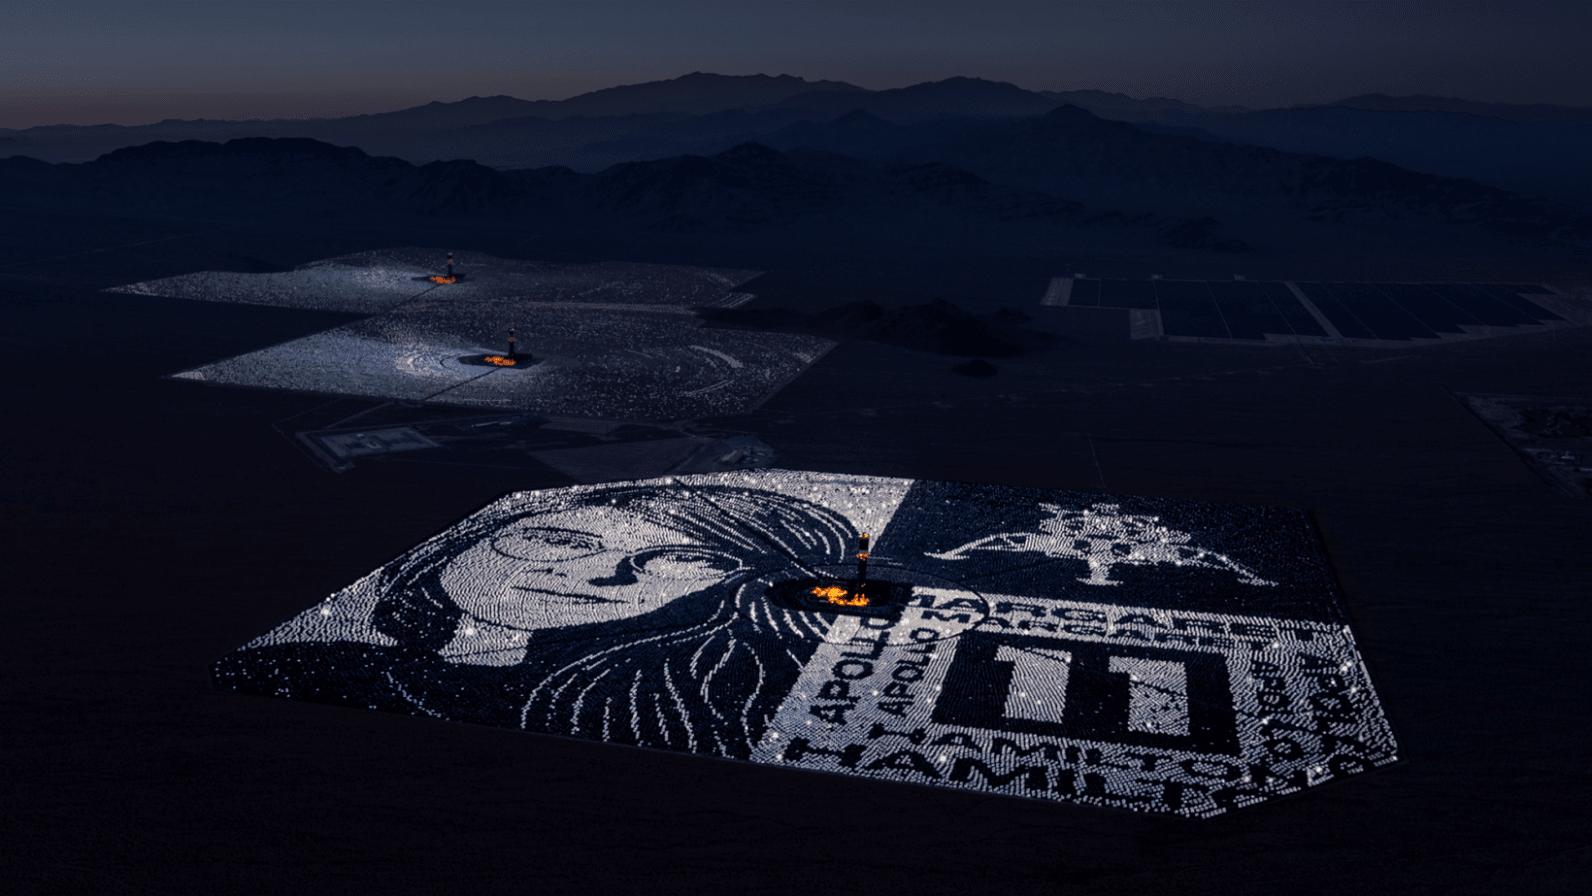 Google feiert das 50. Jubiläum der Mondladung spektakulär